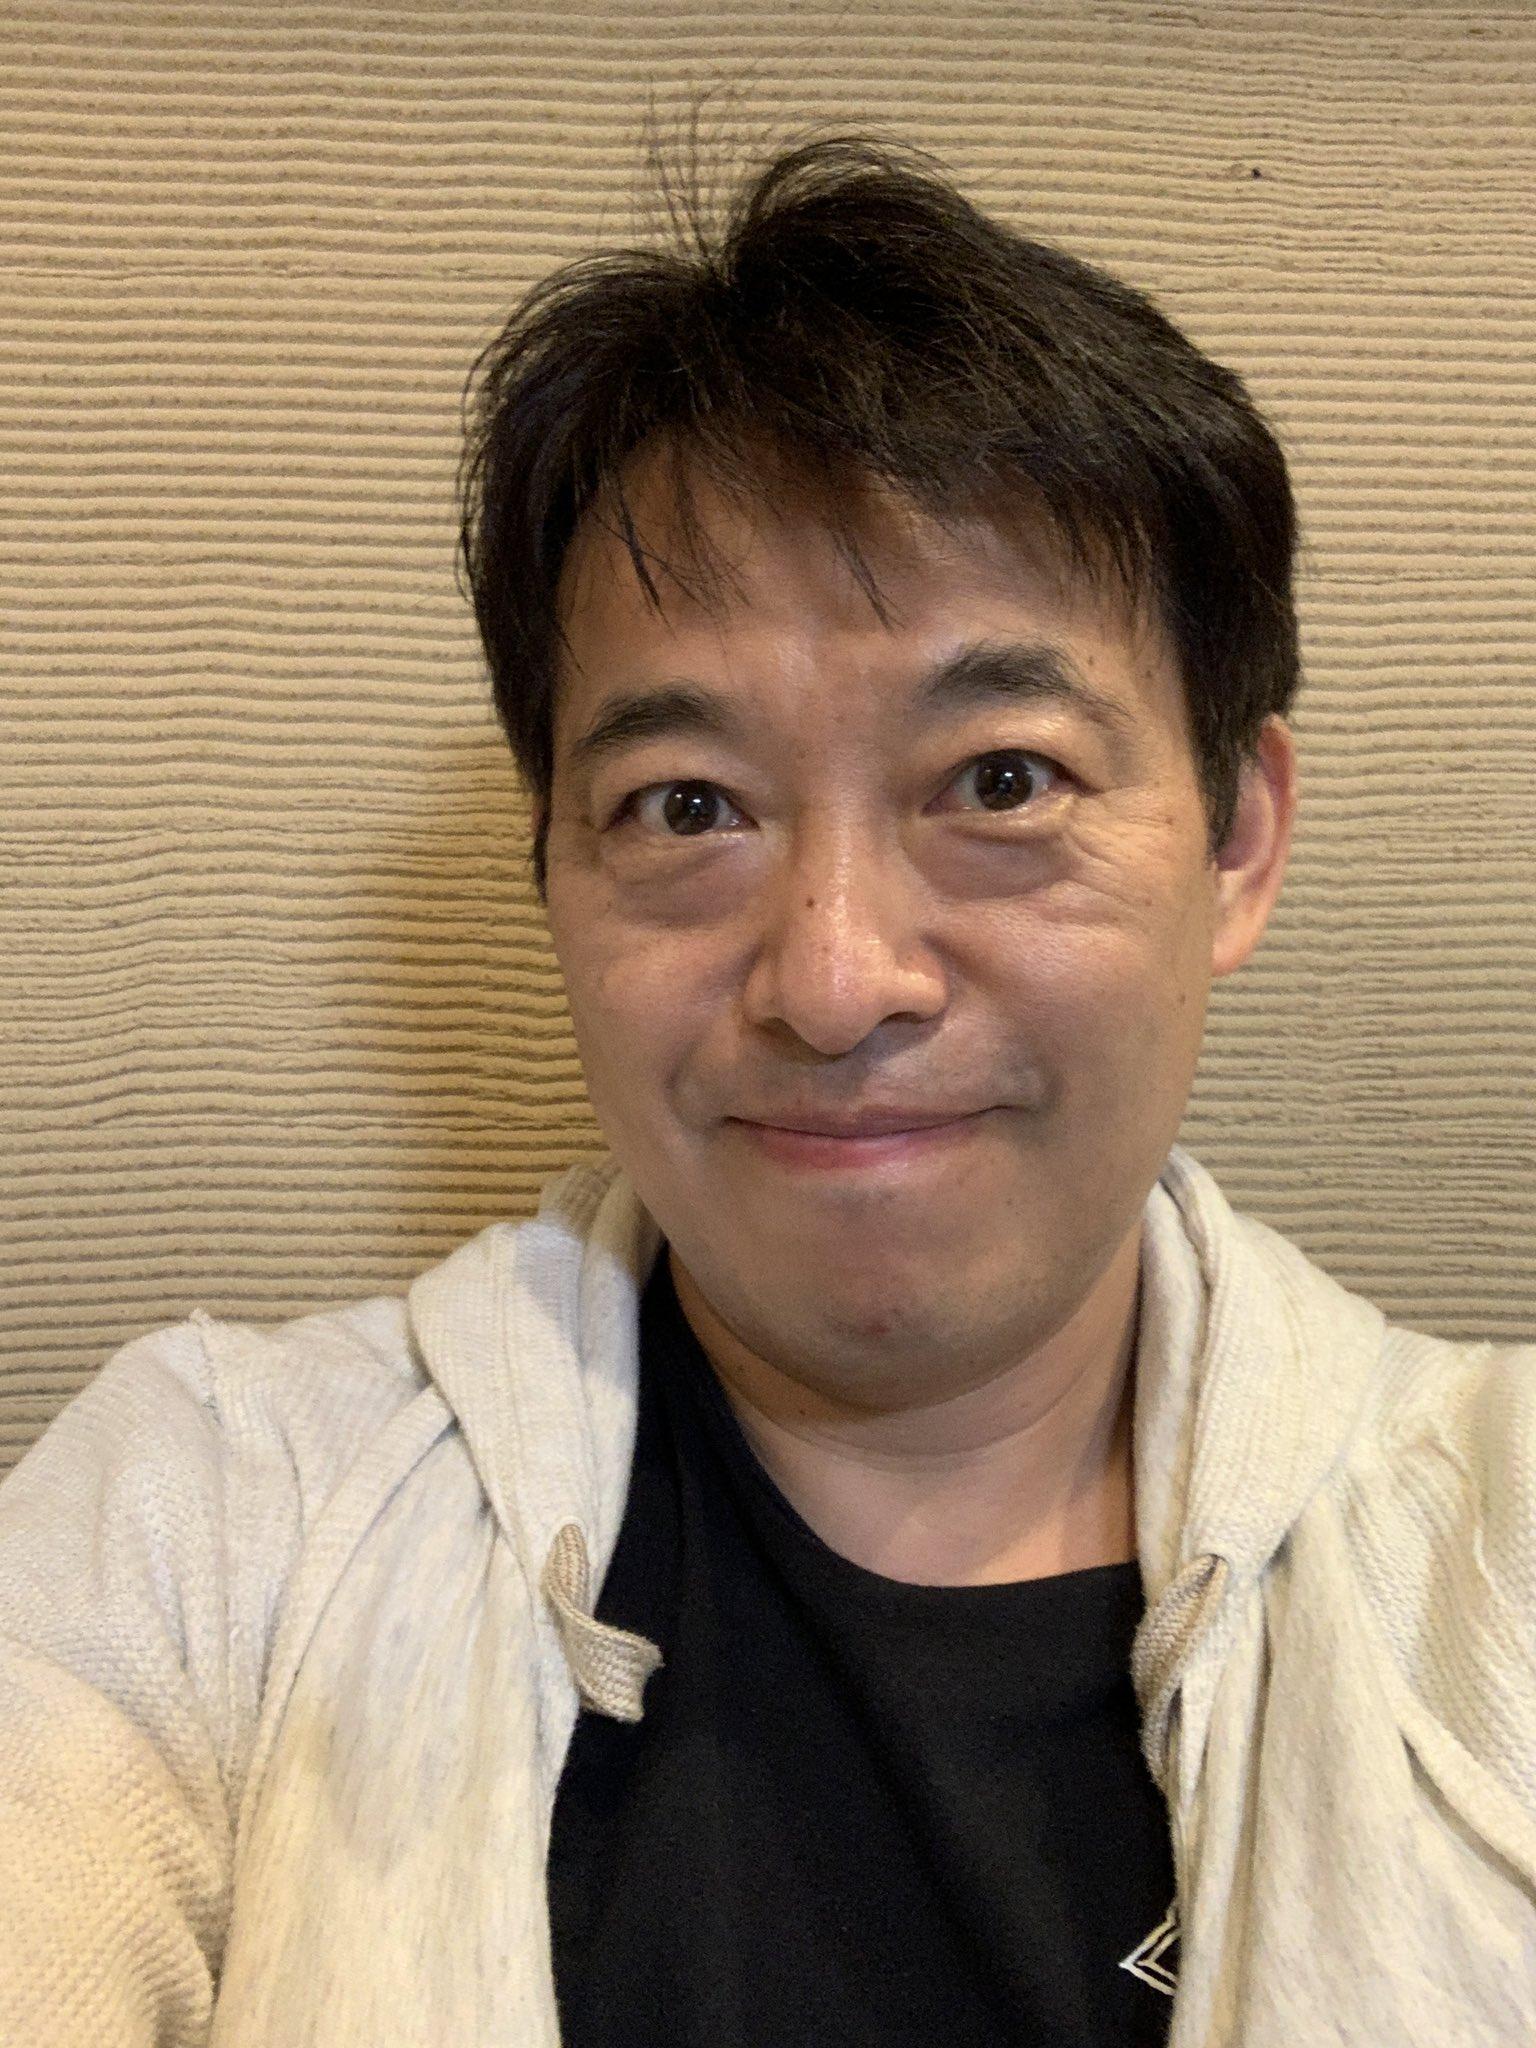 """Khoe từng đóng chung với hơn 3.000 hot girl phim 18+, """"huyền thoại"""" một thời gây sốc khi đánh giá: """"Không ai bằng Yua Mikami"""""""